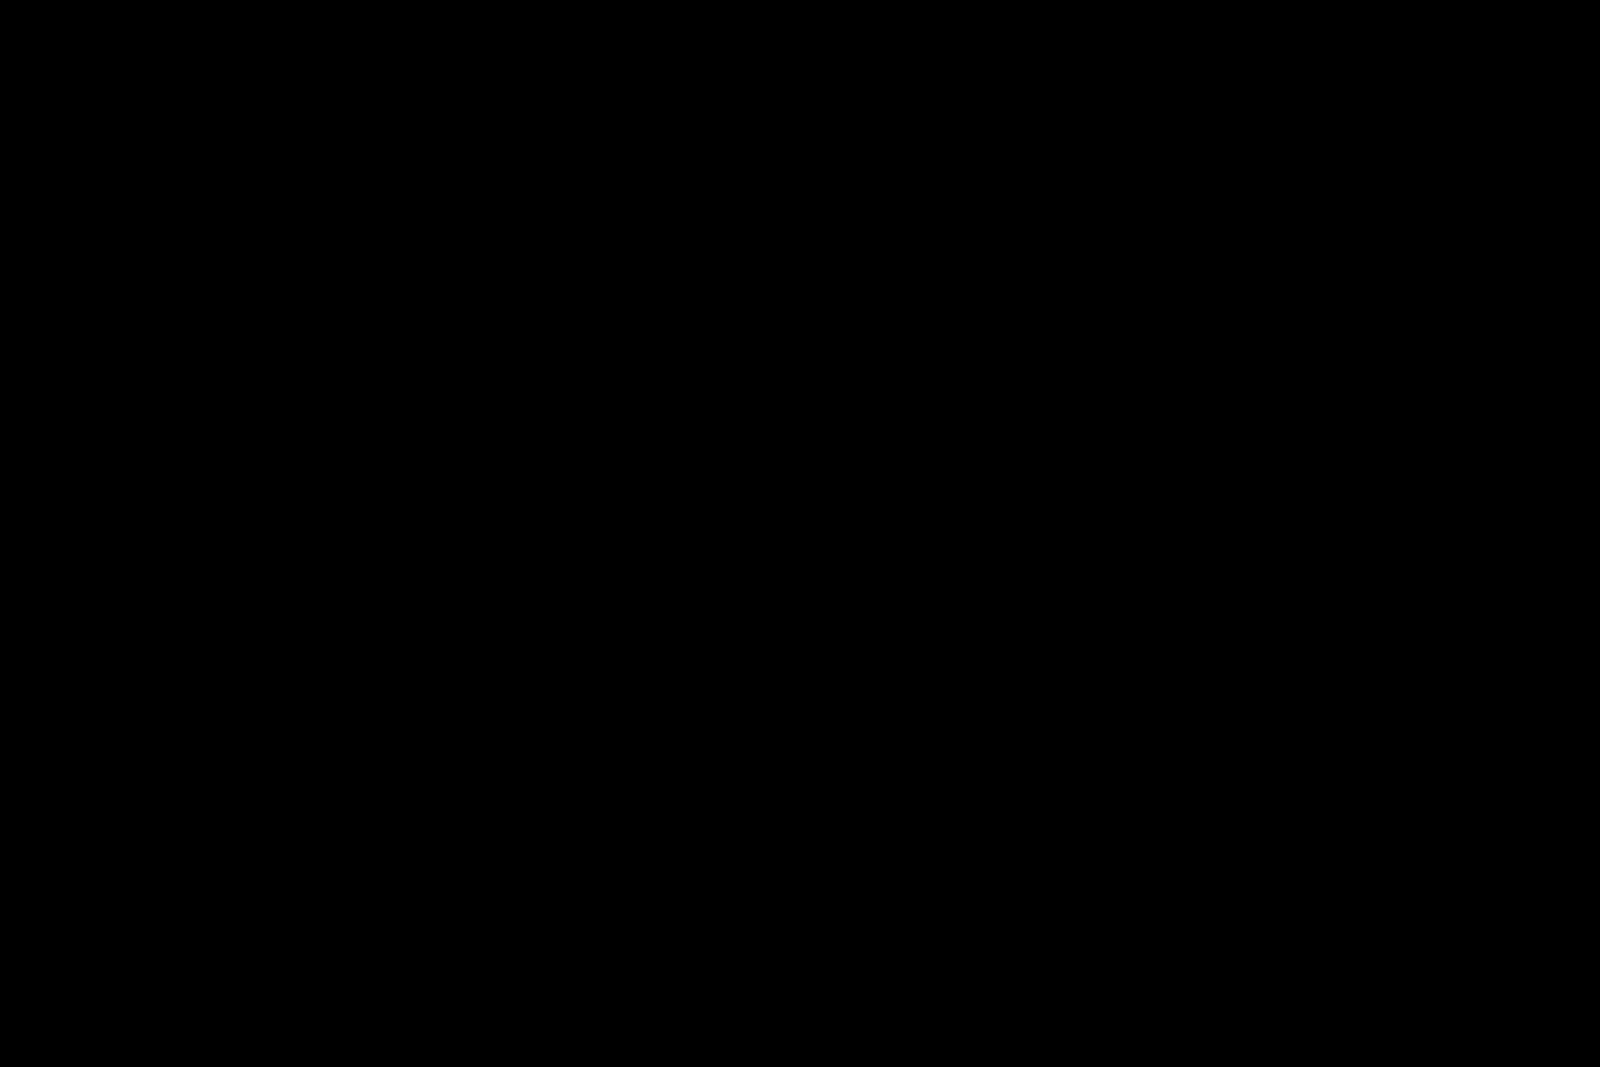 08-8y9a0022